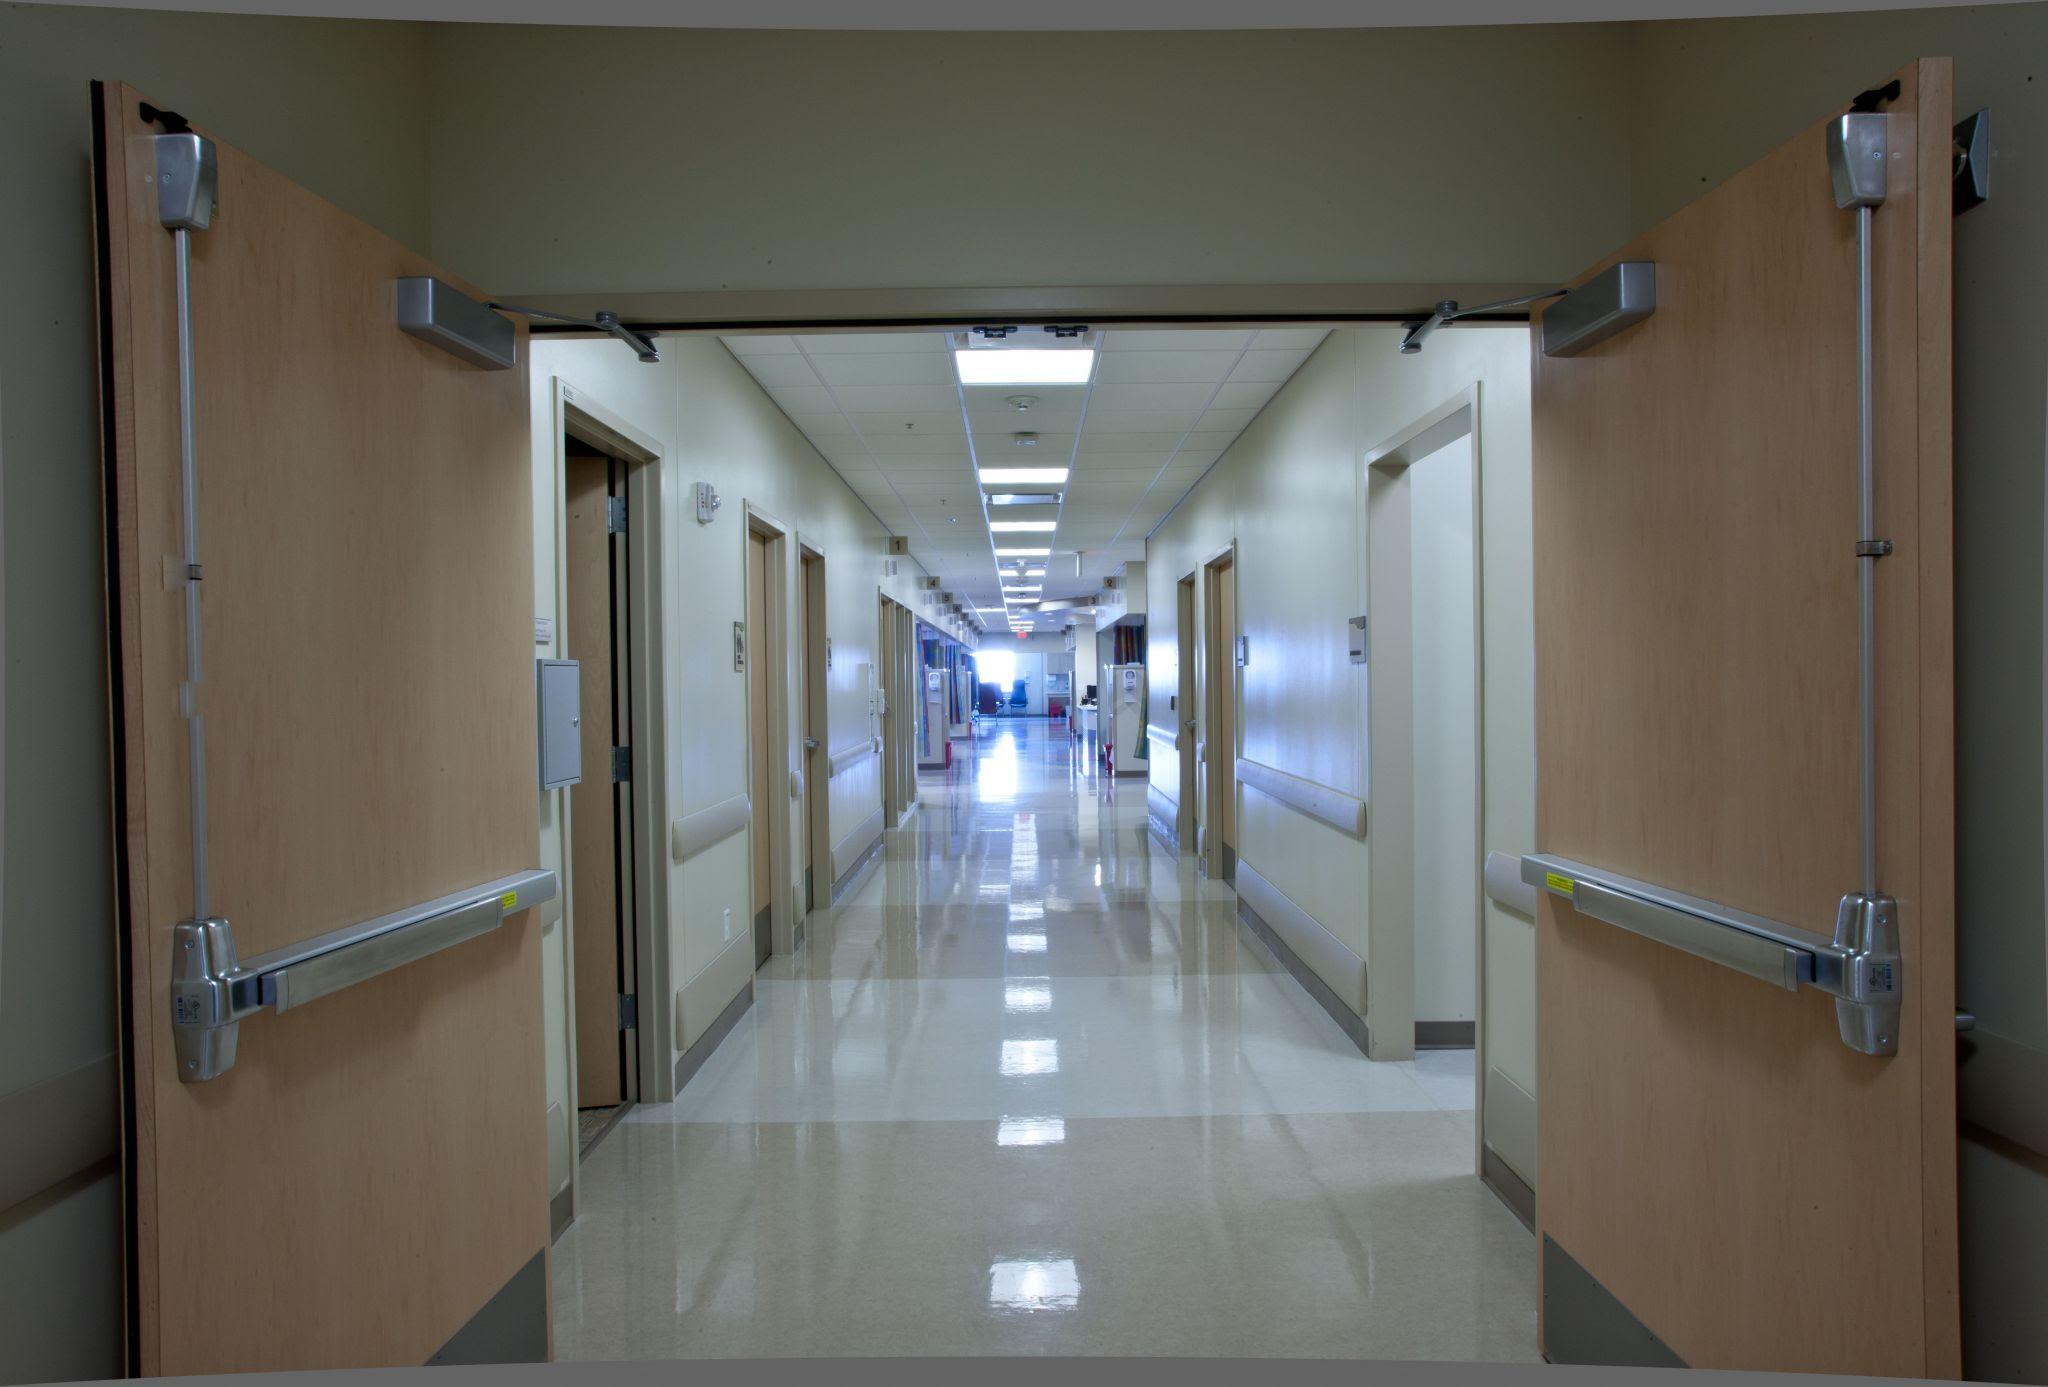 Cross Corridor Fire Doors LBR